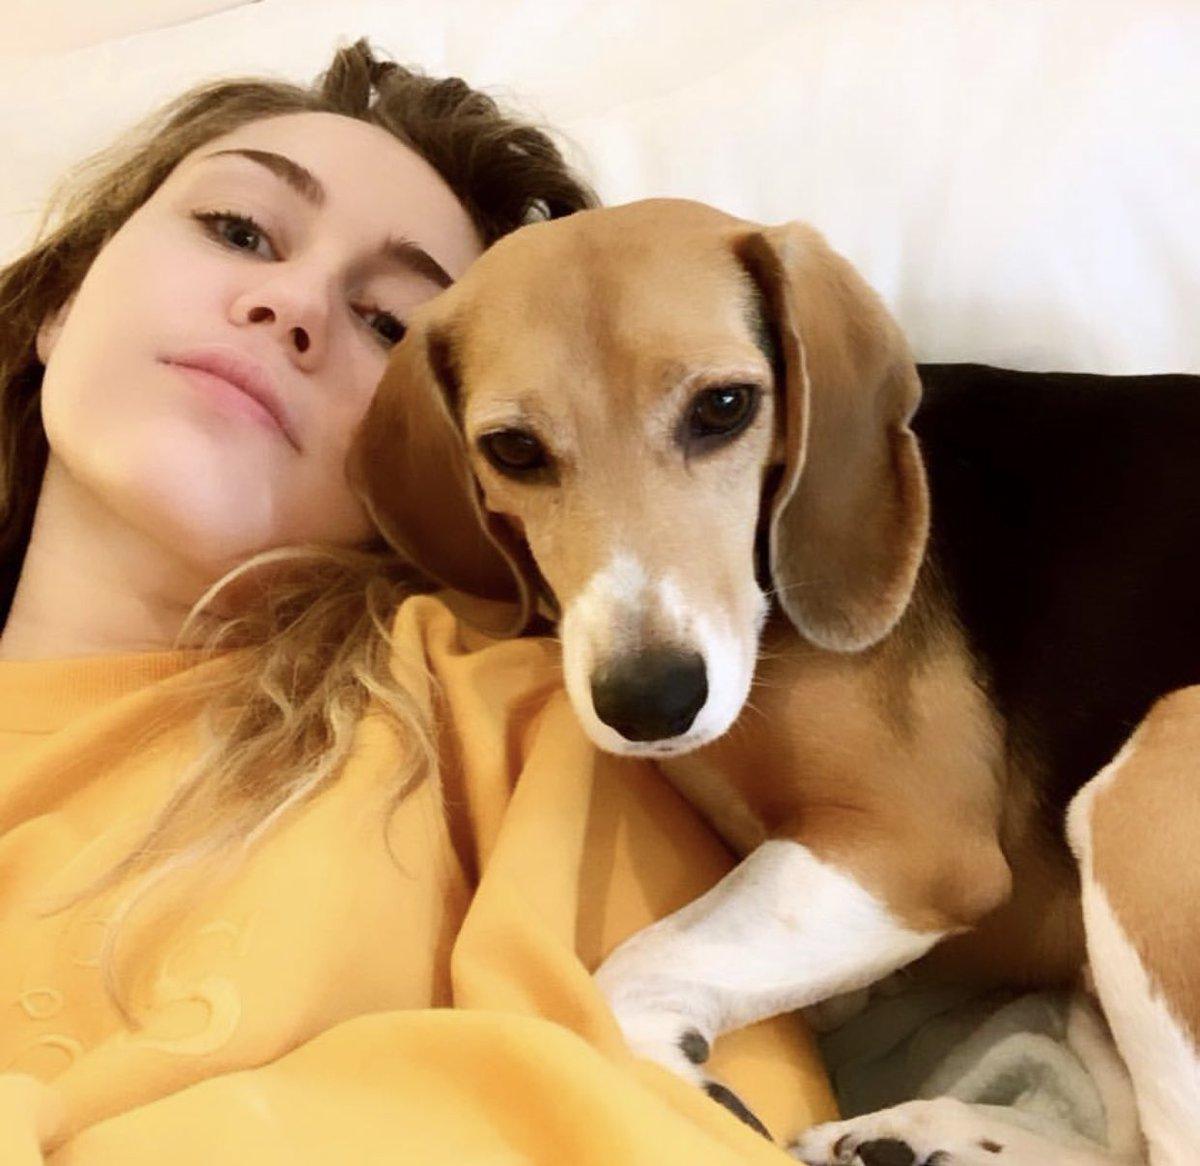 Lazyyyy Dazzzze w Little Dog ???????????? https://t.co/B4kFoercLR